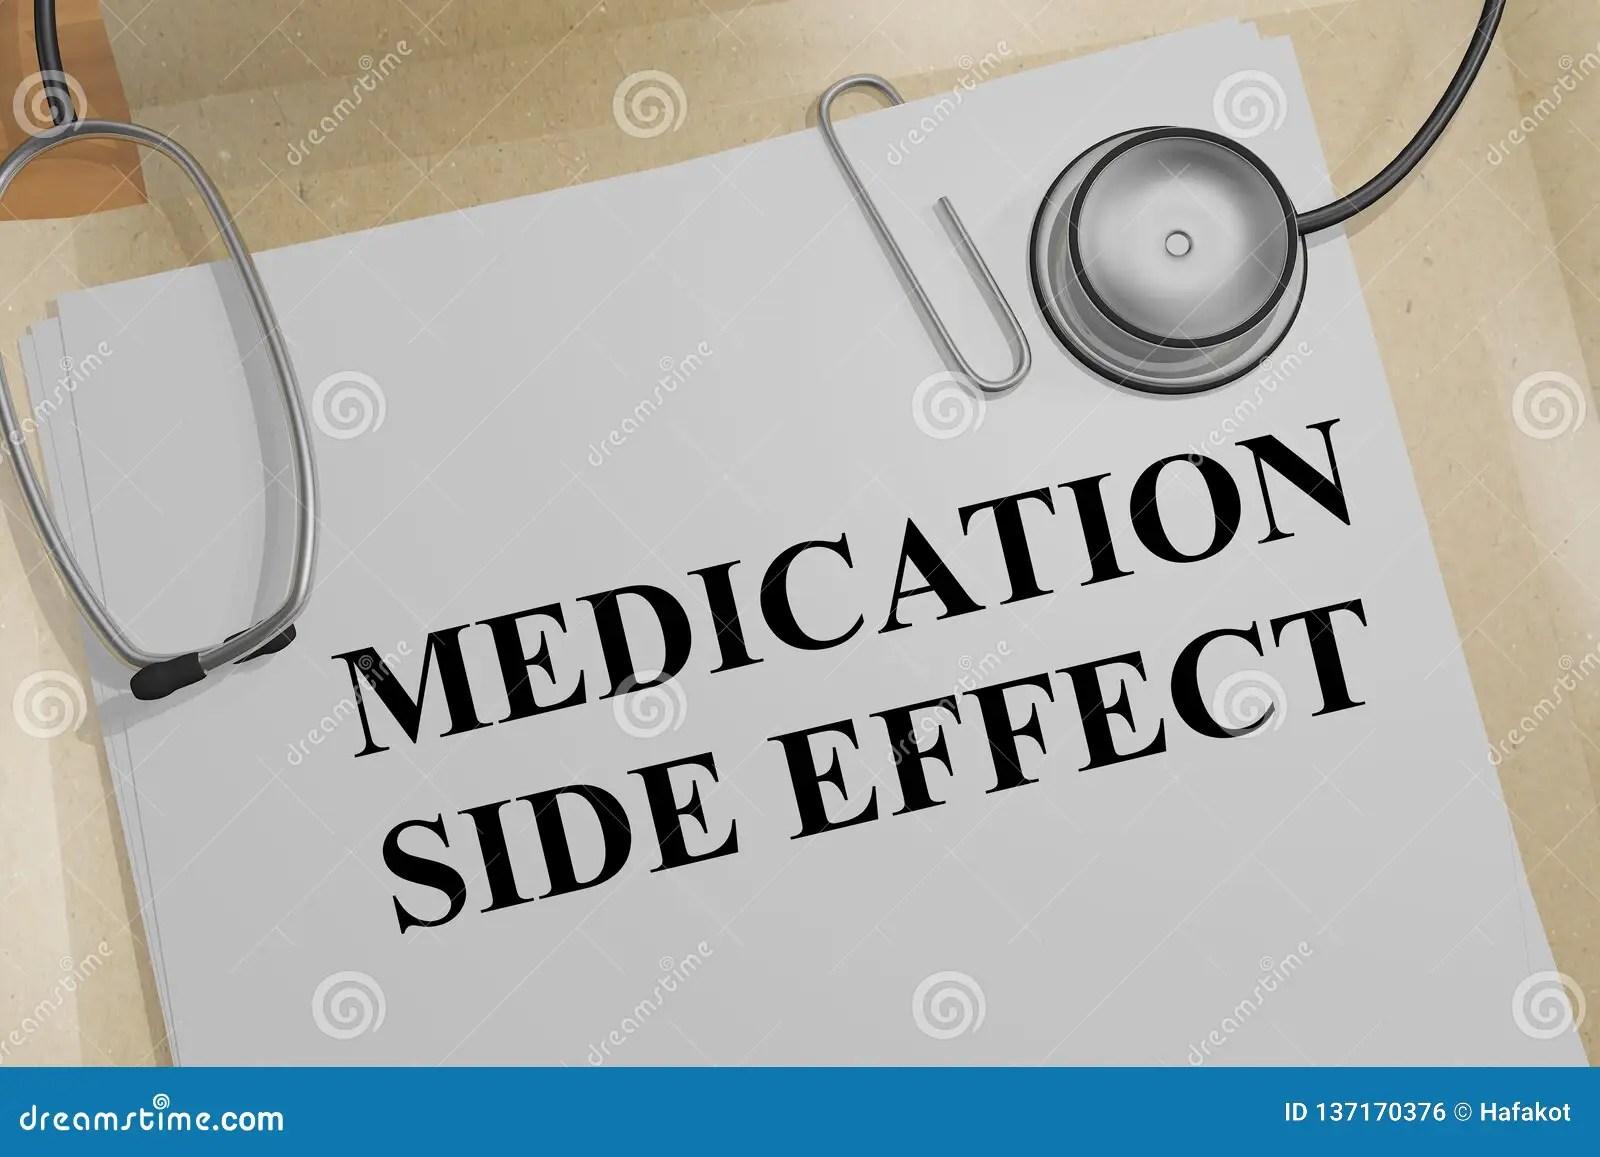 Medication Side Effect Concept Stock Illustration